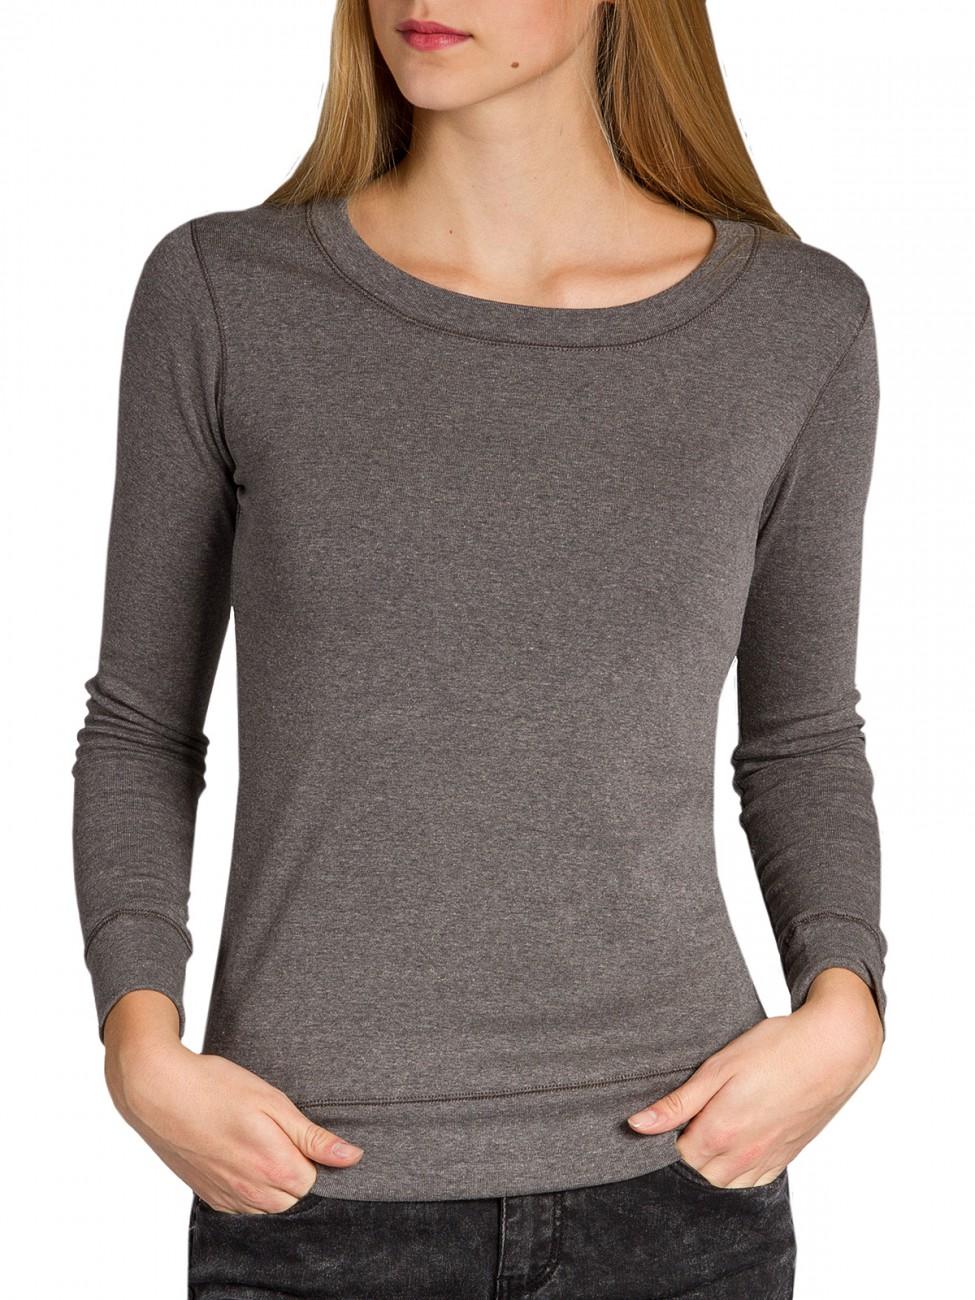 caspar damen pullover langarm basic shirt stretch oberteil. Black Bedroom Furniture Sets. Home Design Ideas